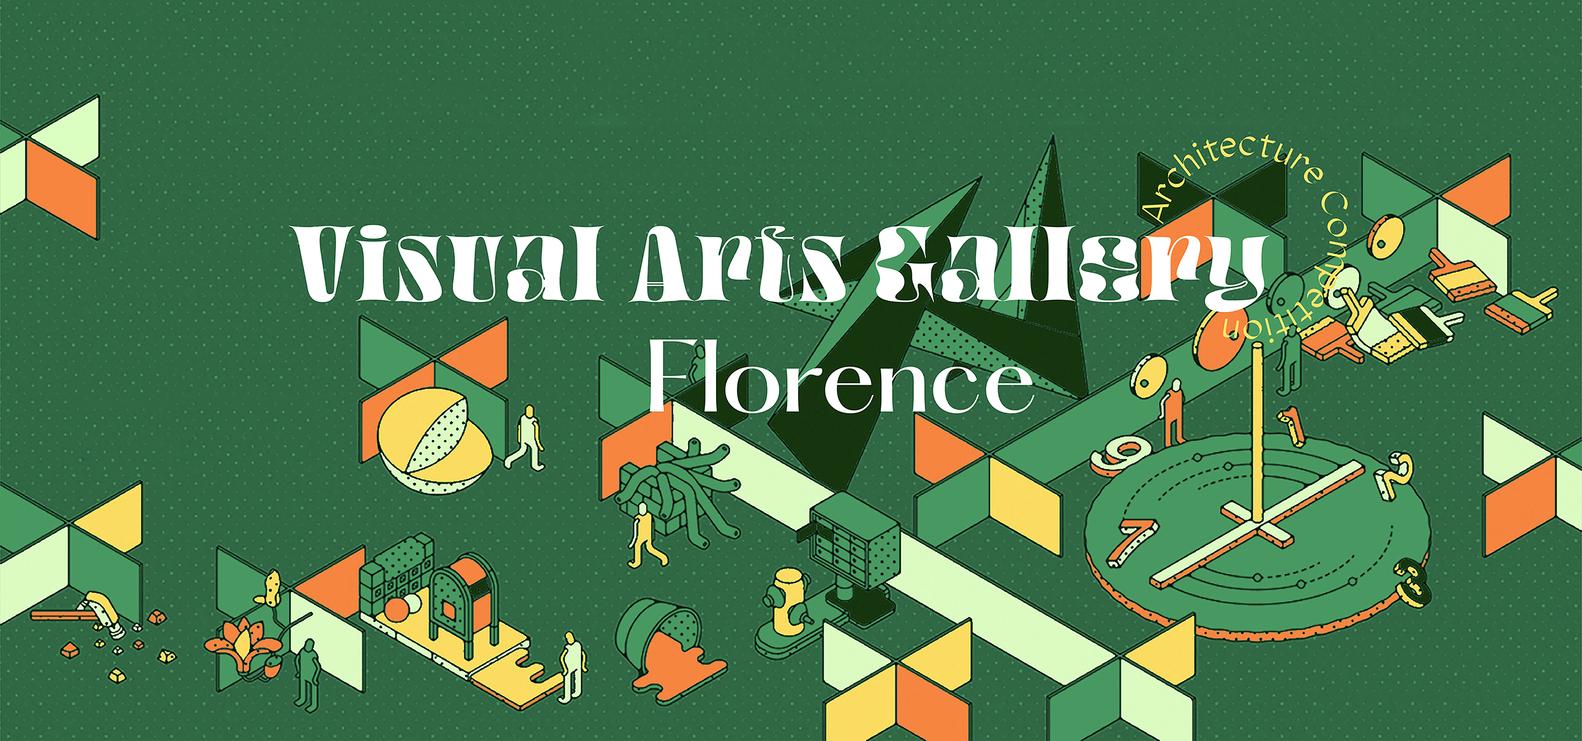 فراخوان ایده پردازی برای گالری هنرهای تجسمی Florence